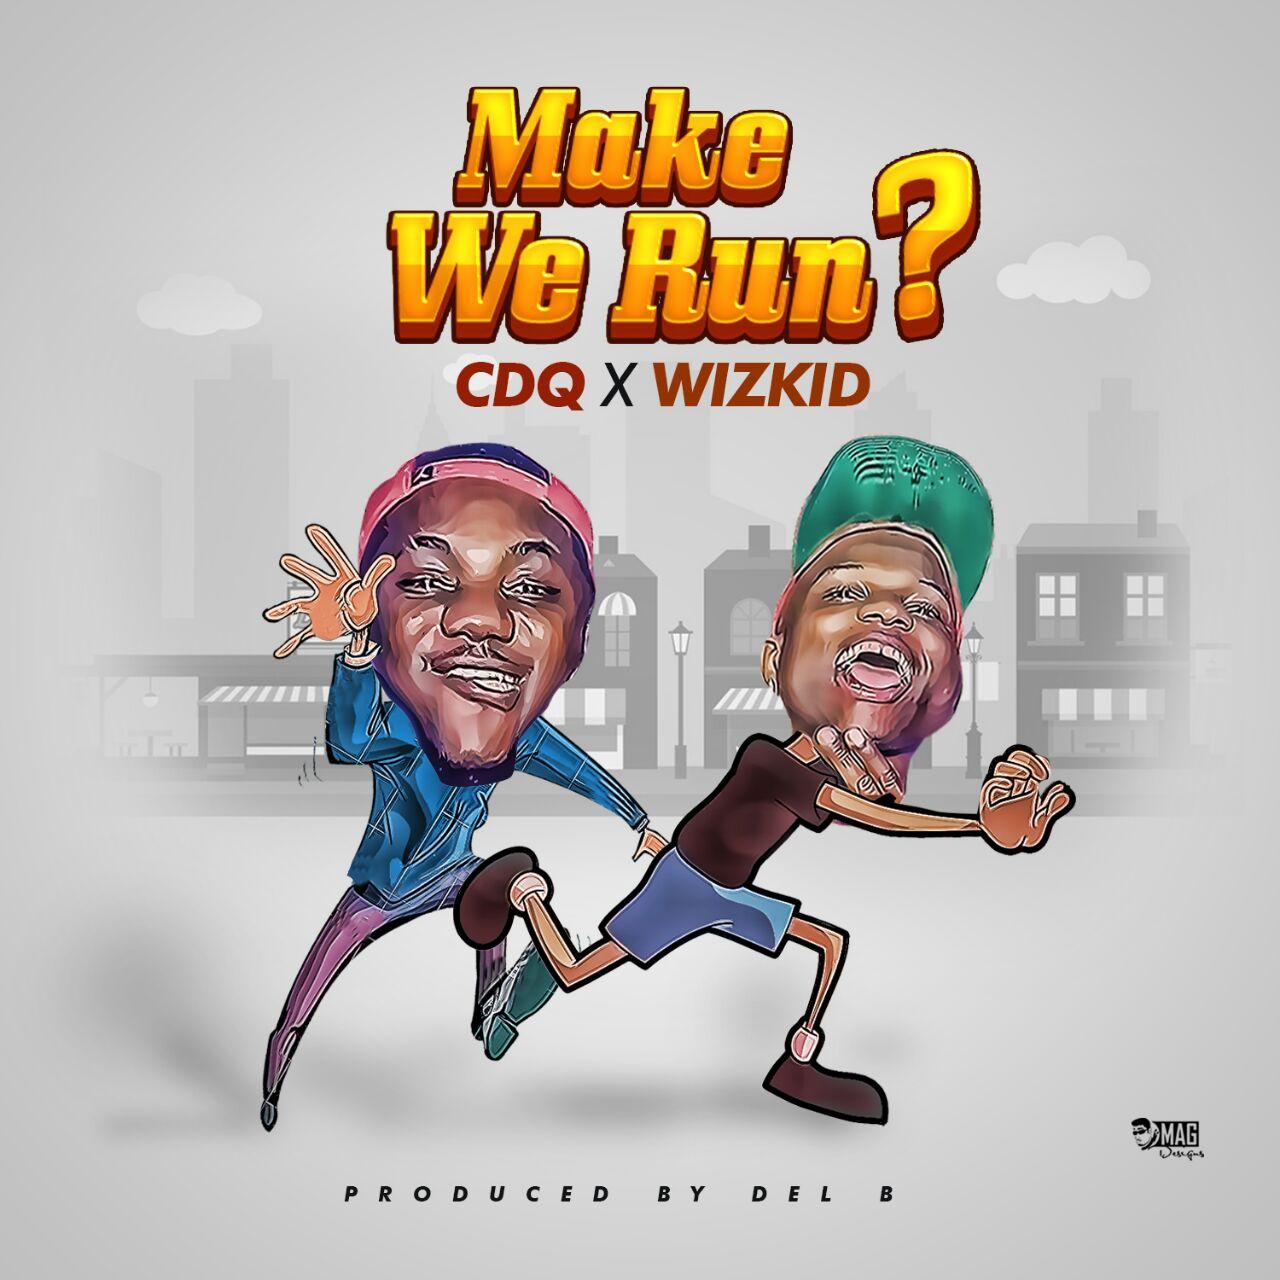 CDQ-WIZKID - Make-We-Run